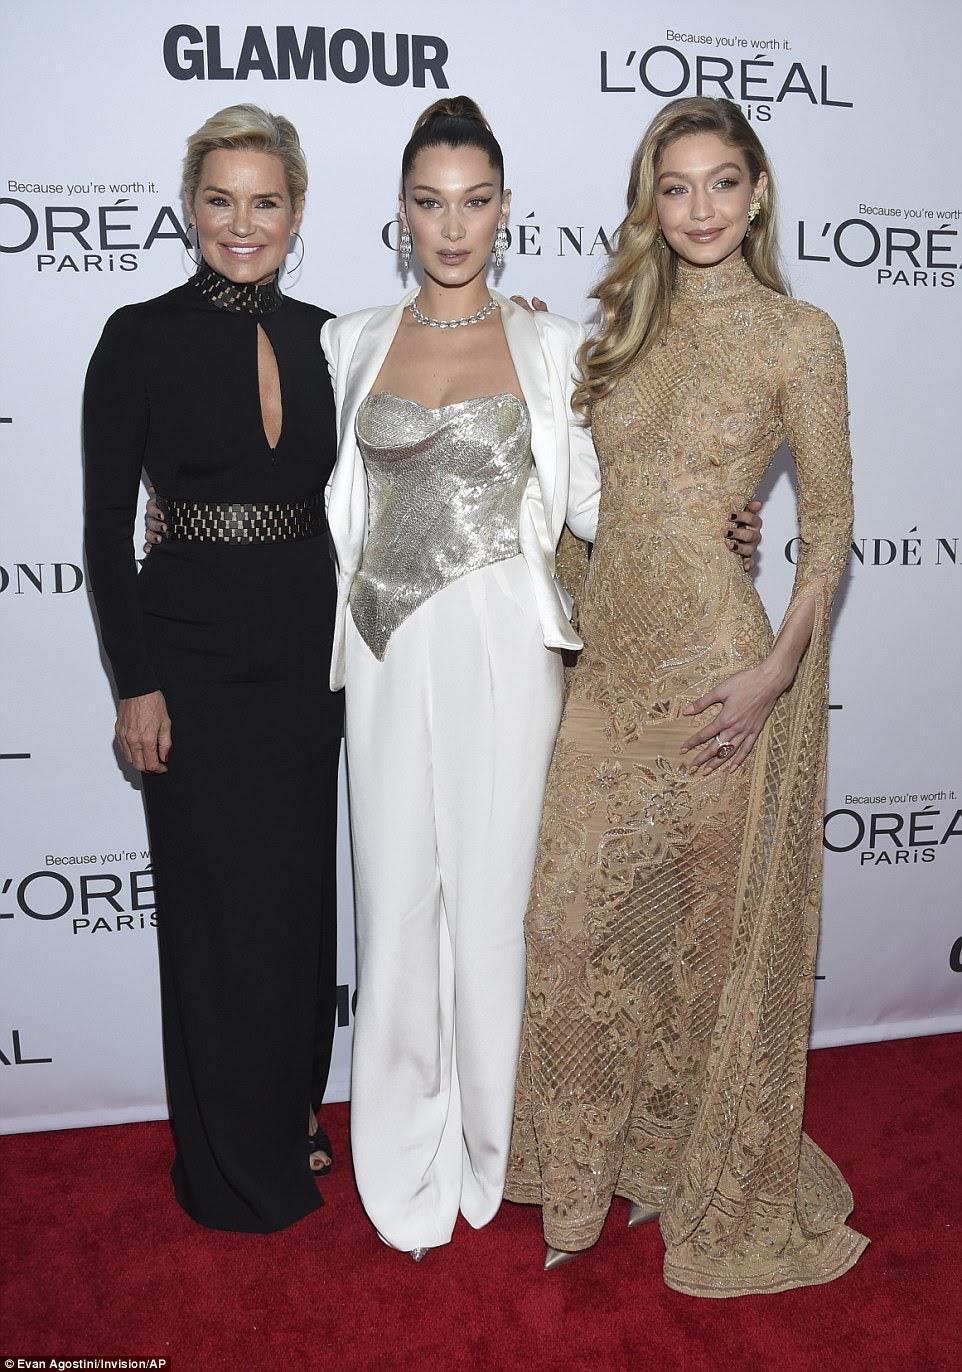 A família importa: uma vez dentro, as meninas foram juntas no tapete vermelho por sua mãe, Yolanda Hadid, que era a imagem de estilo em longo vestido preto que mostrava alguma pele